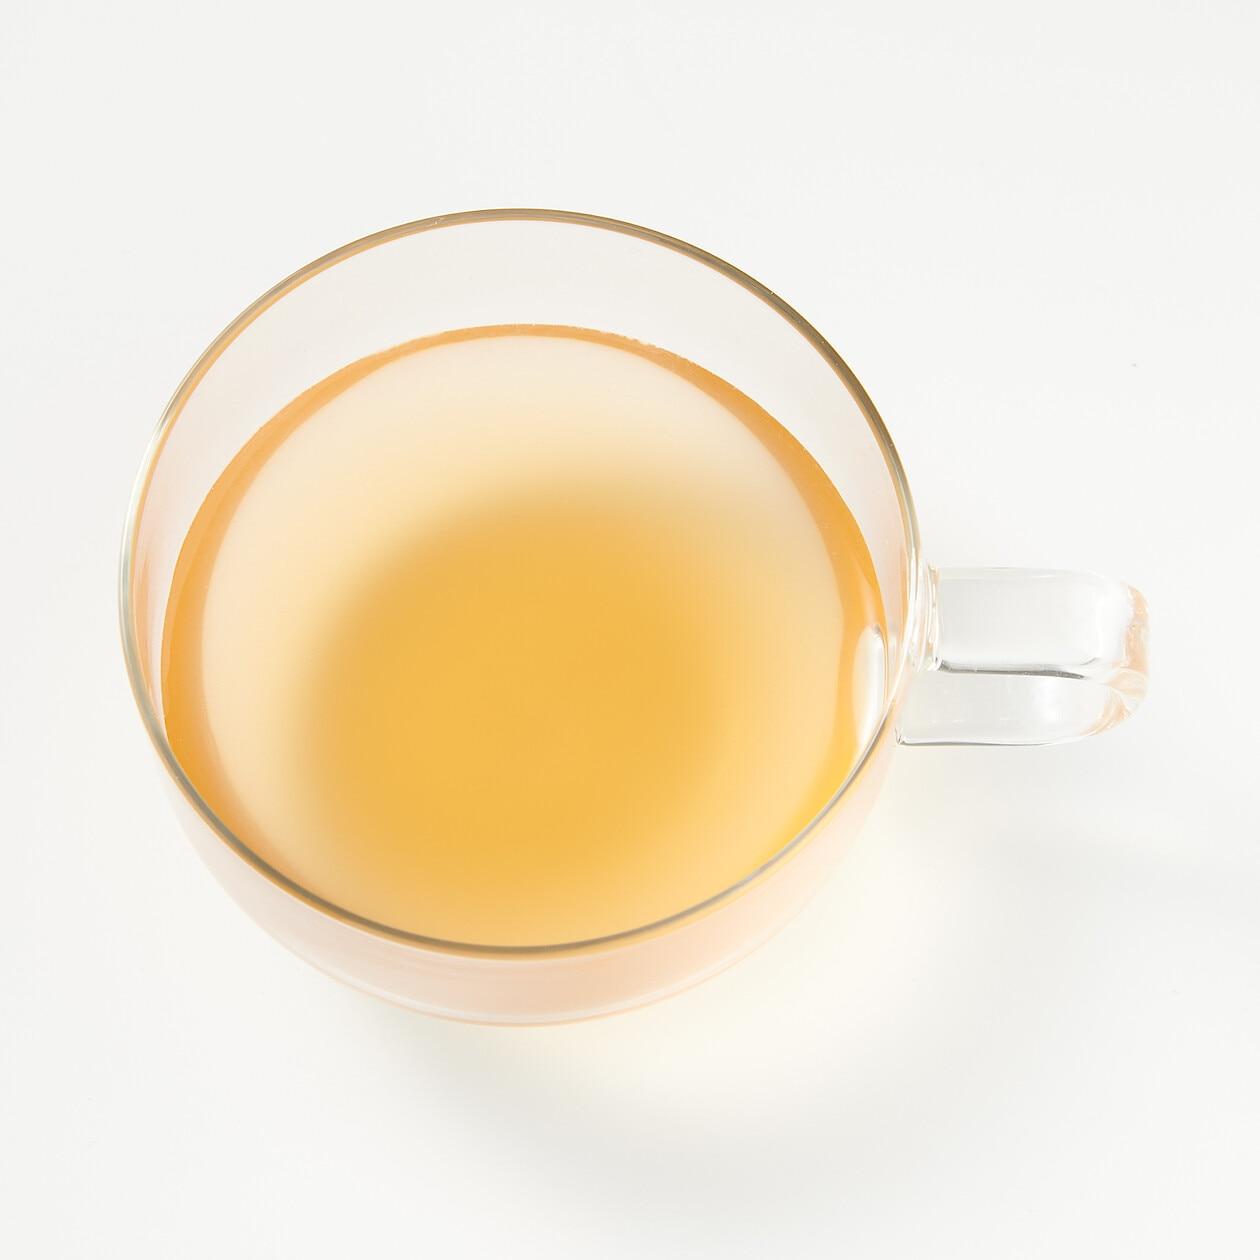 穀物のお茶 国産大豆の黒豆茶